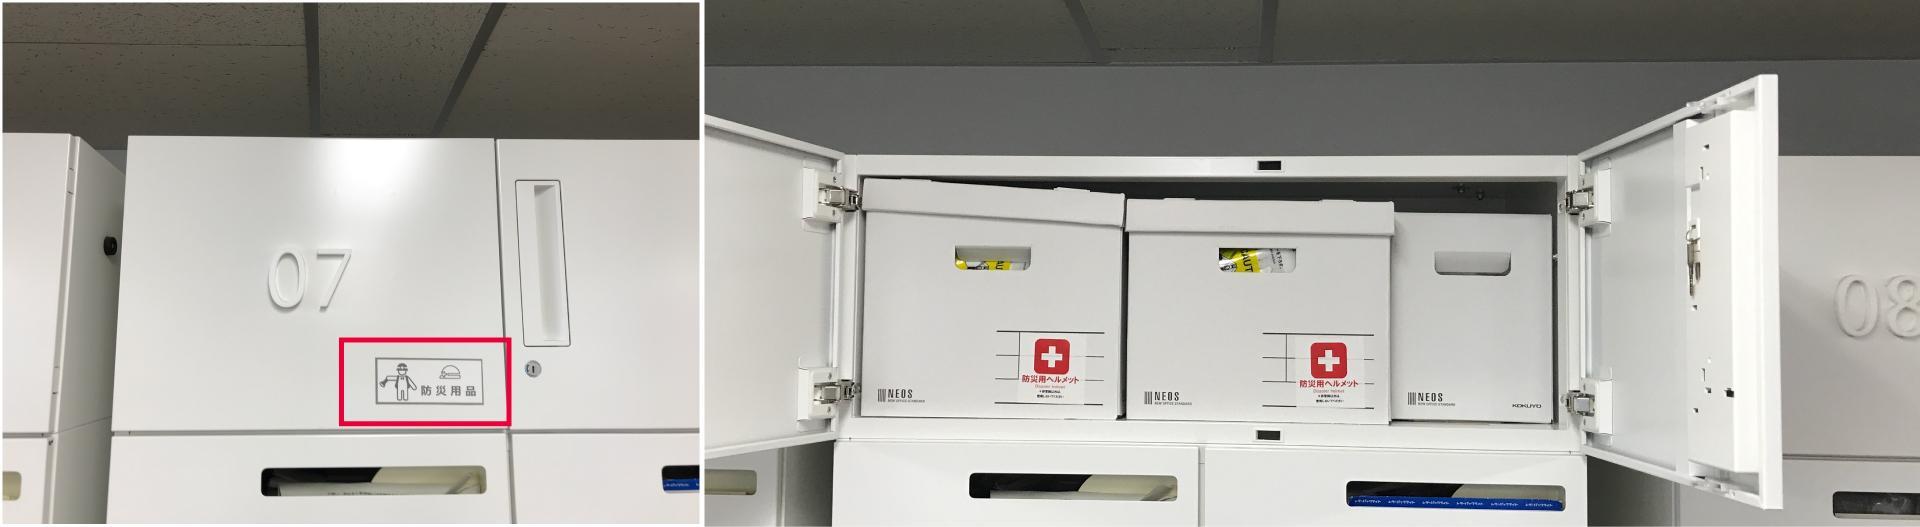 扉にシール.を貼って防災用品の備蓄場所を明確化